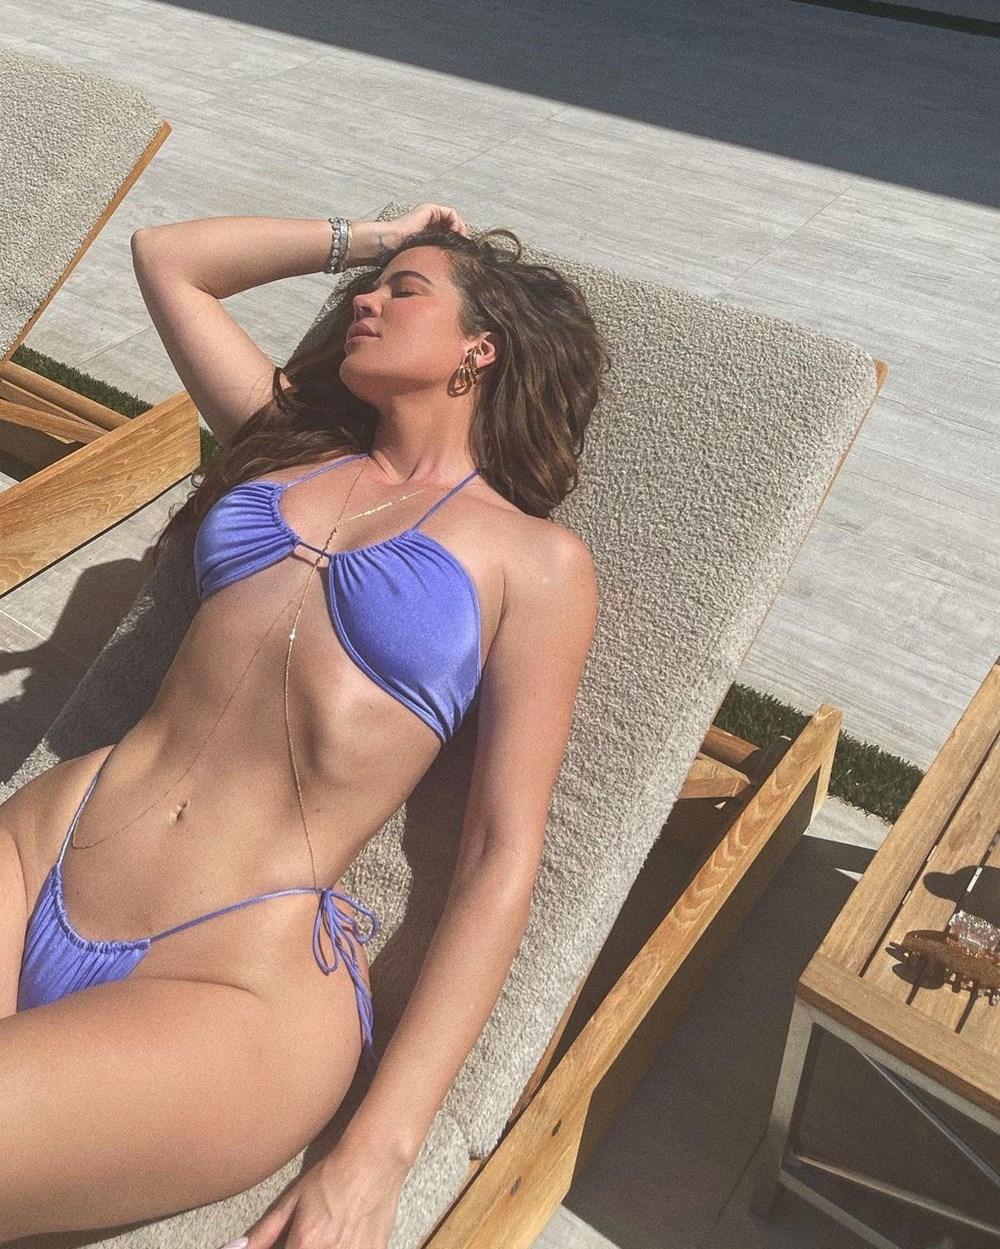 Khloe Kardashian'ın korktuğu başına geldi: Filtresiz fotoğrafı sızd galerisi resim 1